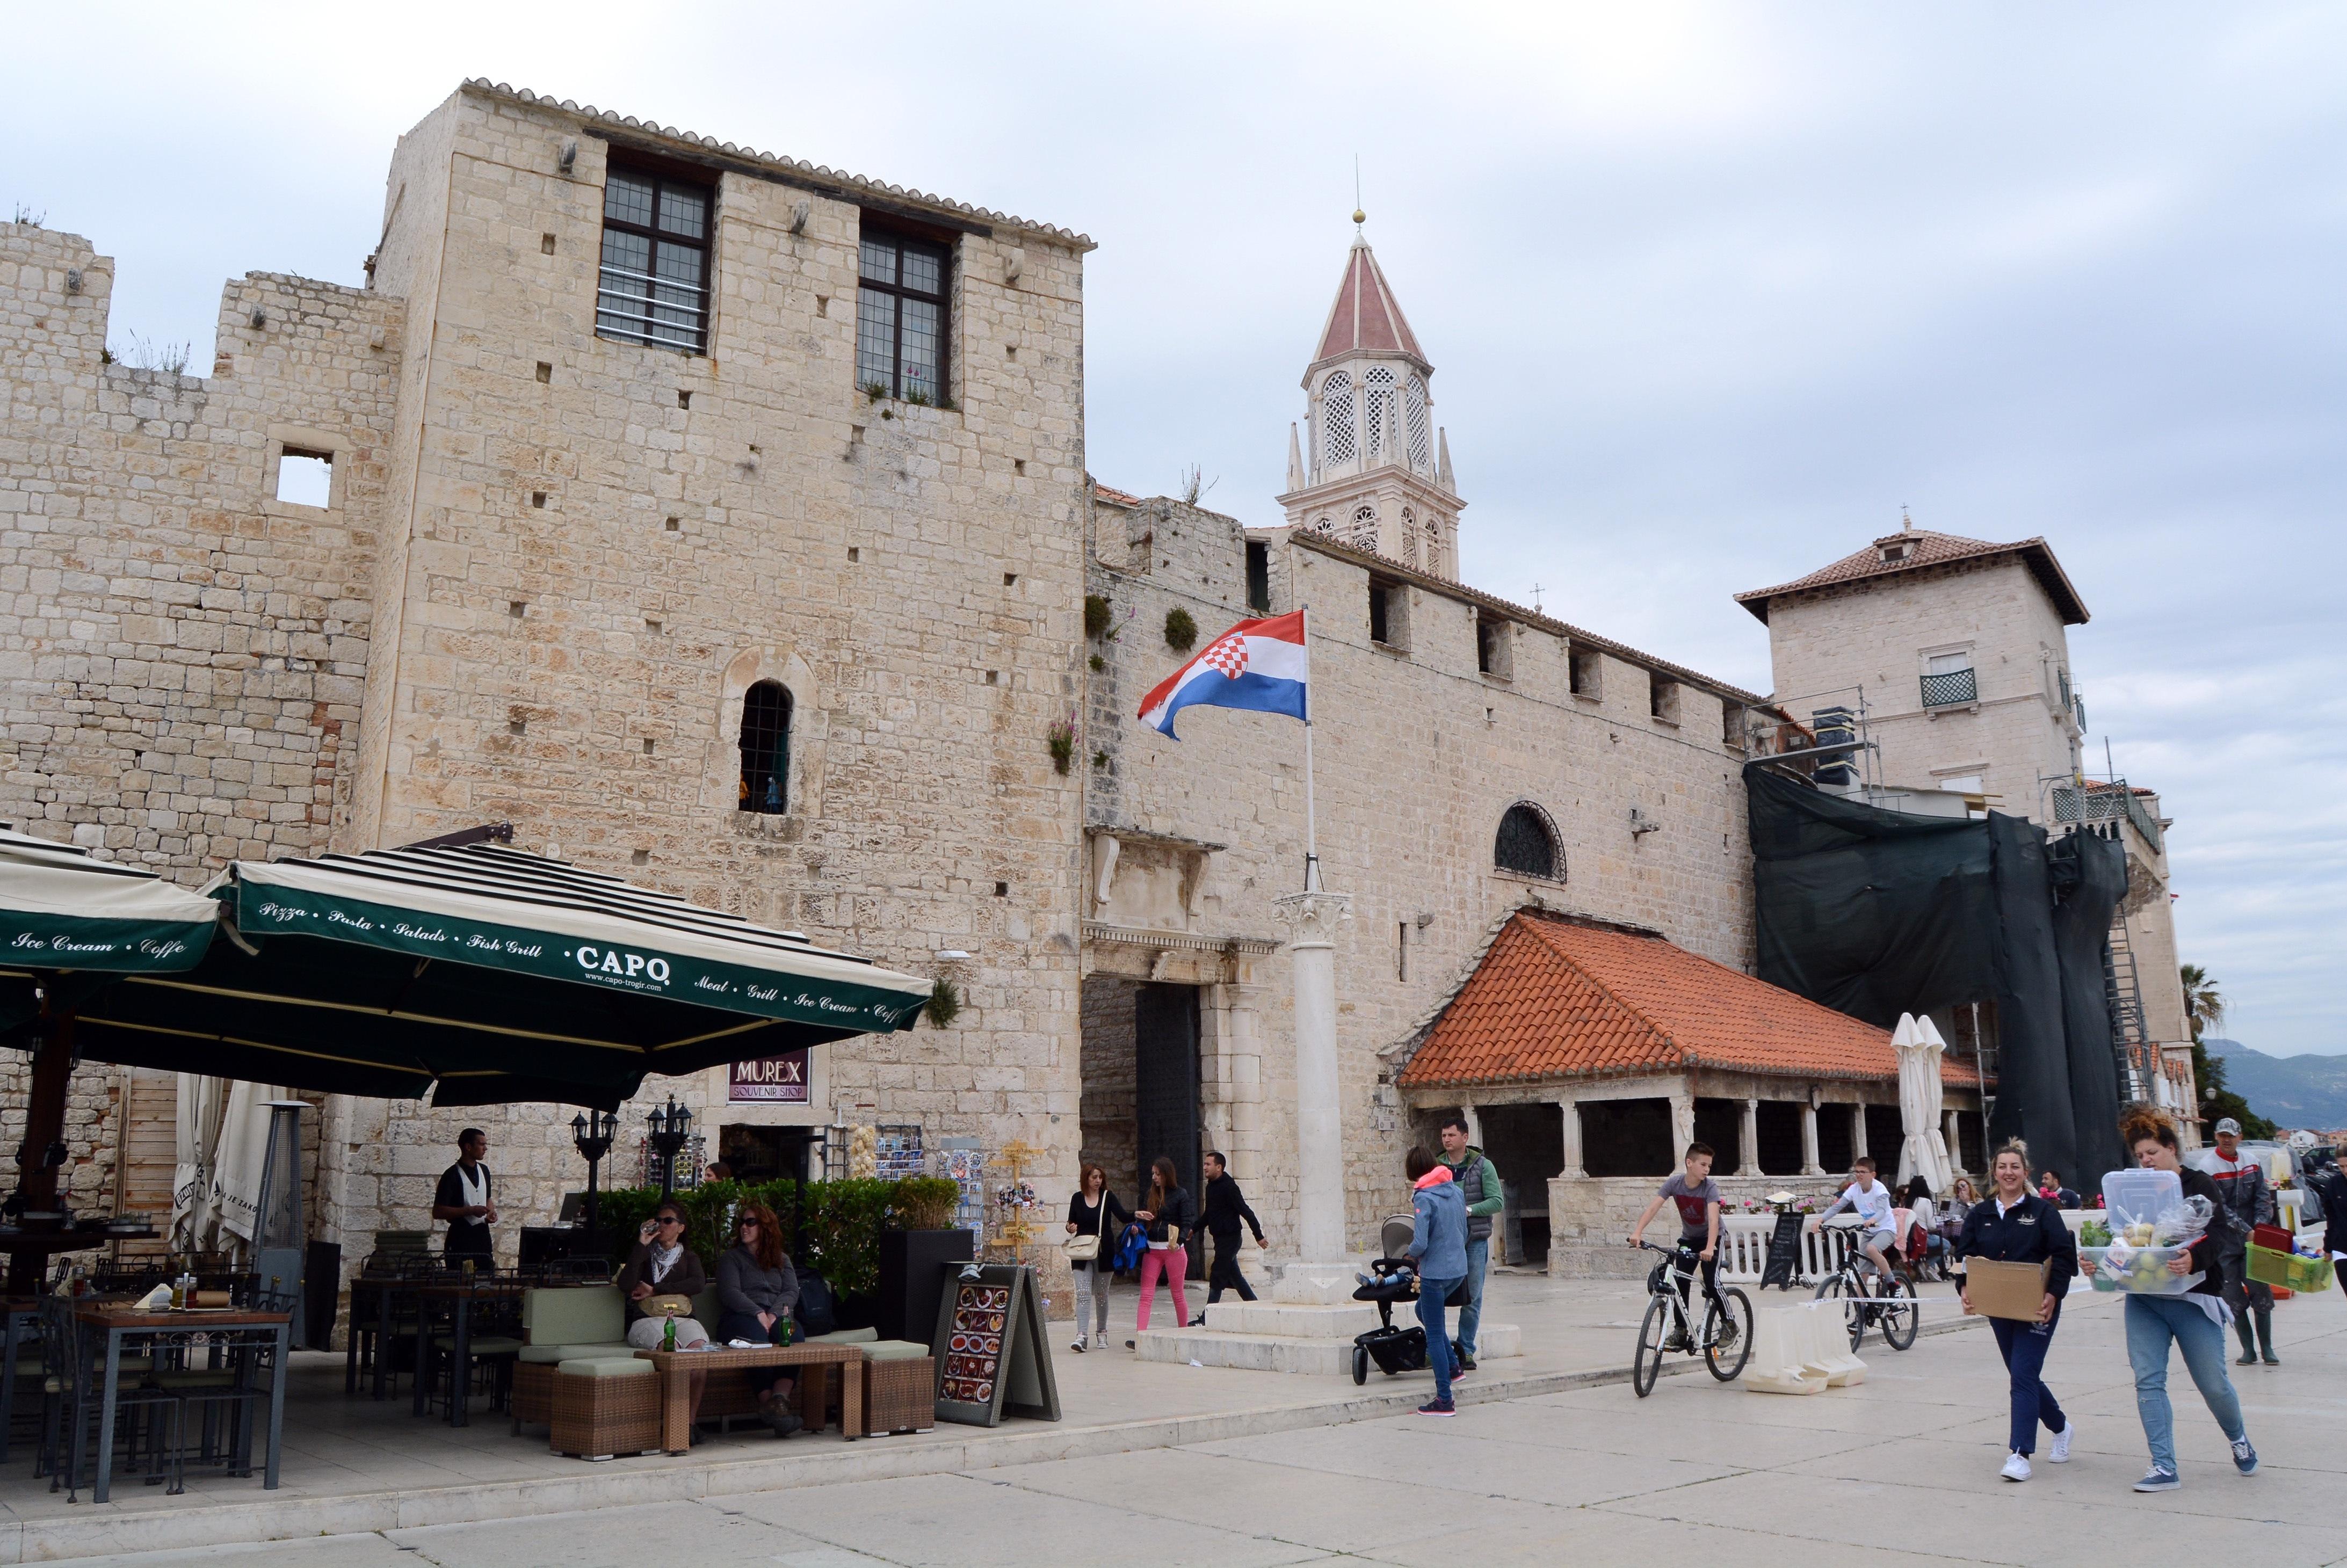 SPALATO - Altra visita consigliata, tempo a disposizione permettendo, è la visita alla città di Trogir, una città turistica ben nota situata a 25 km